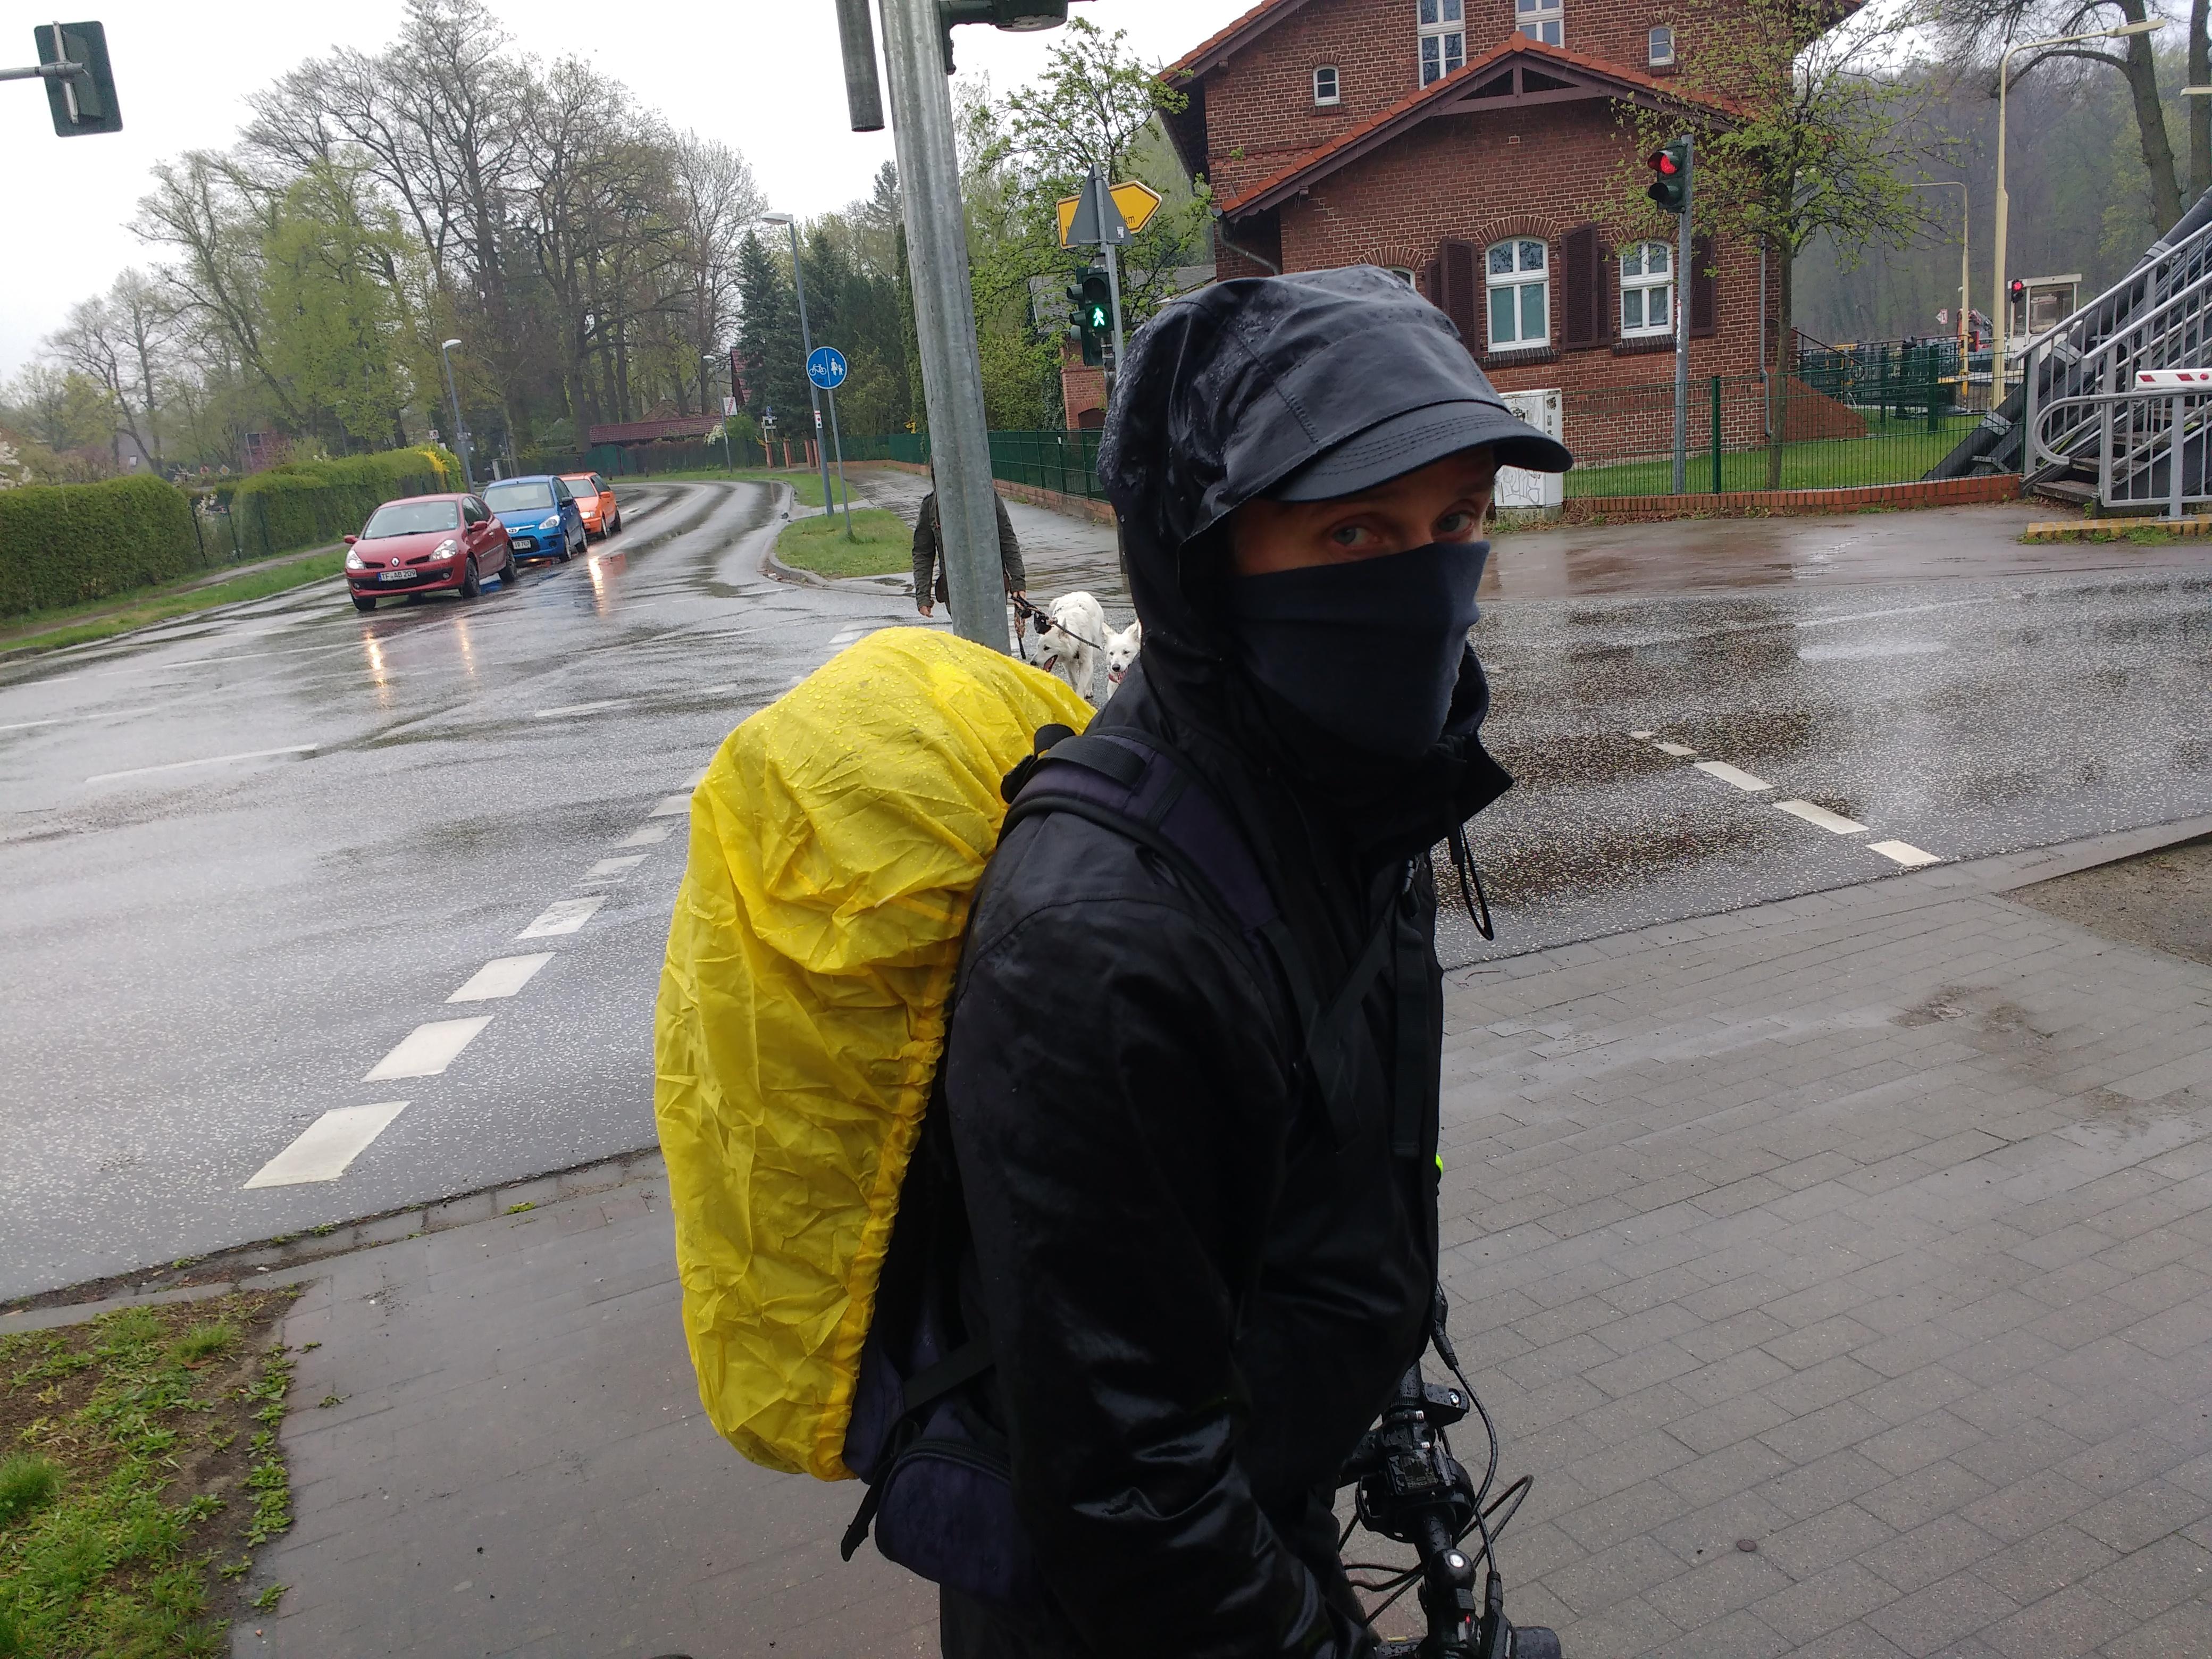 Radfahrer mit Mütze, Schirmmütze und Gesichtsschutz